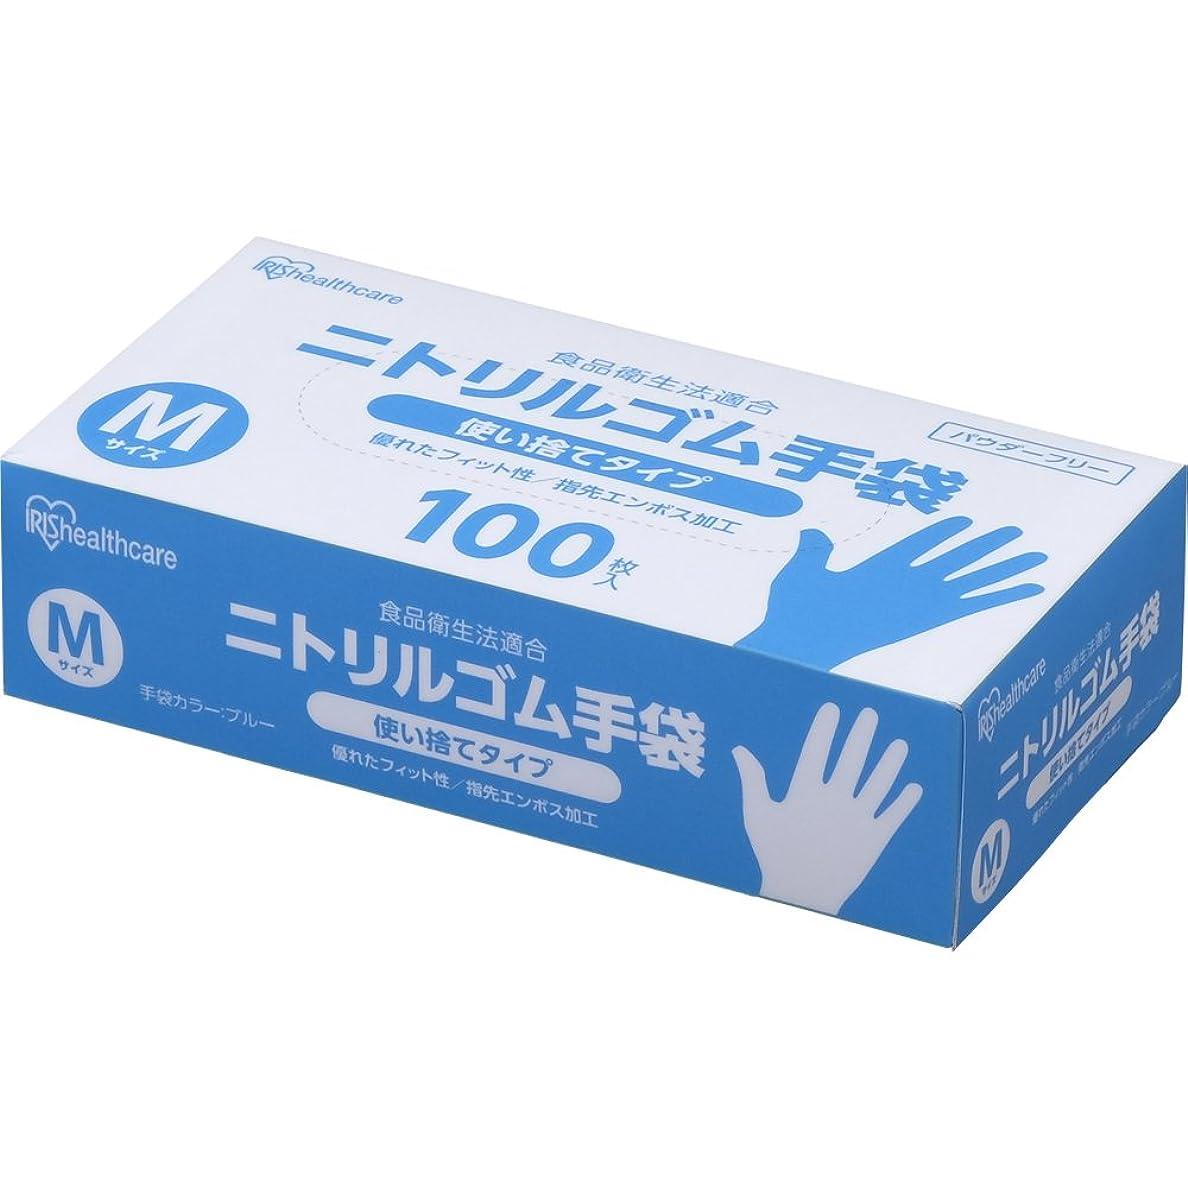 病気だと思う楽しませるキャンセルアイリスオーヤマ 使い捨て手袋 ブルー ニトリルゴム 100枚 Mサイズ 業務用